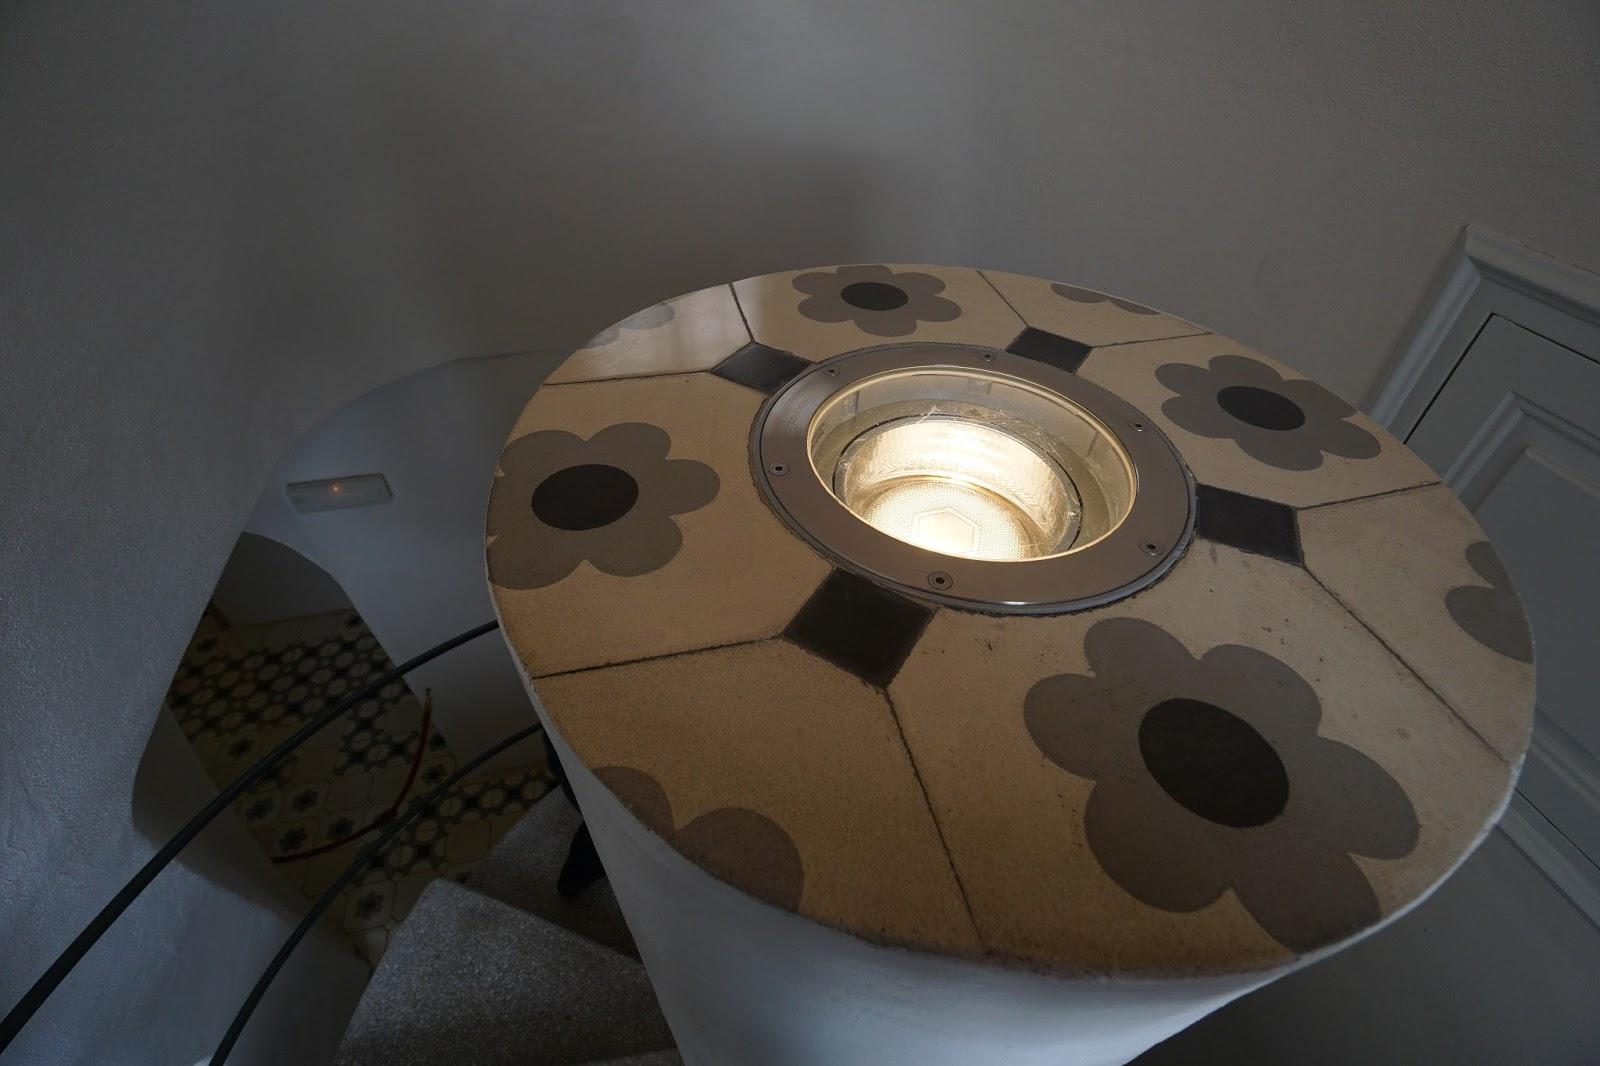 カサ・バトリョ(Casa Batlló) 螺旋階段の照明